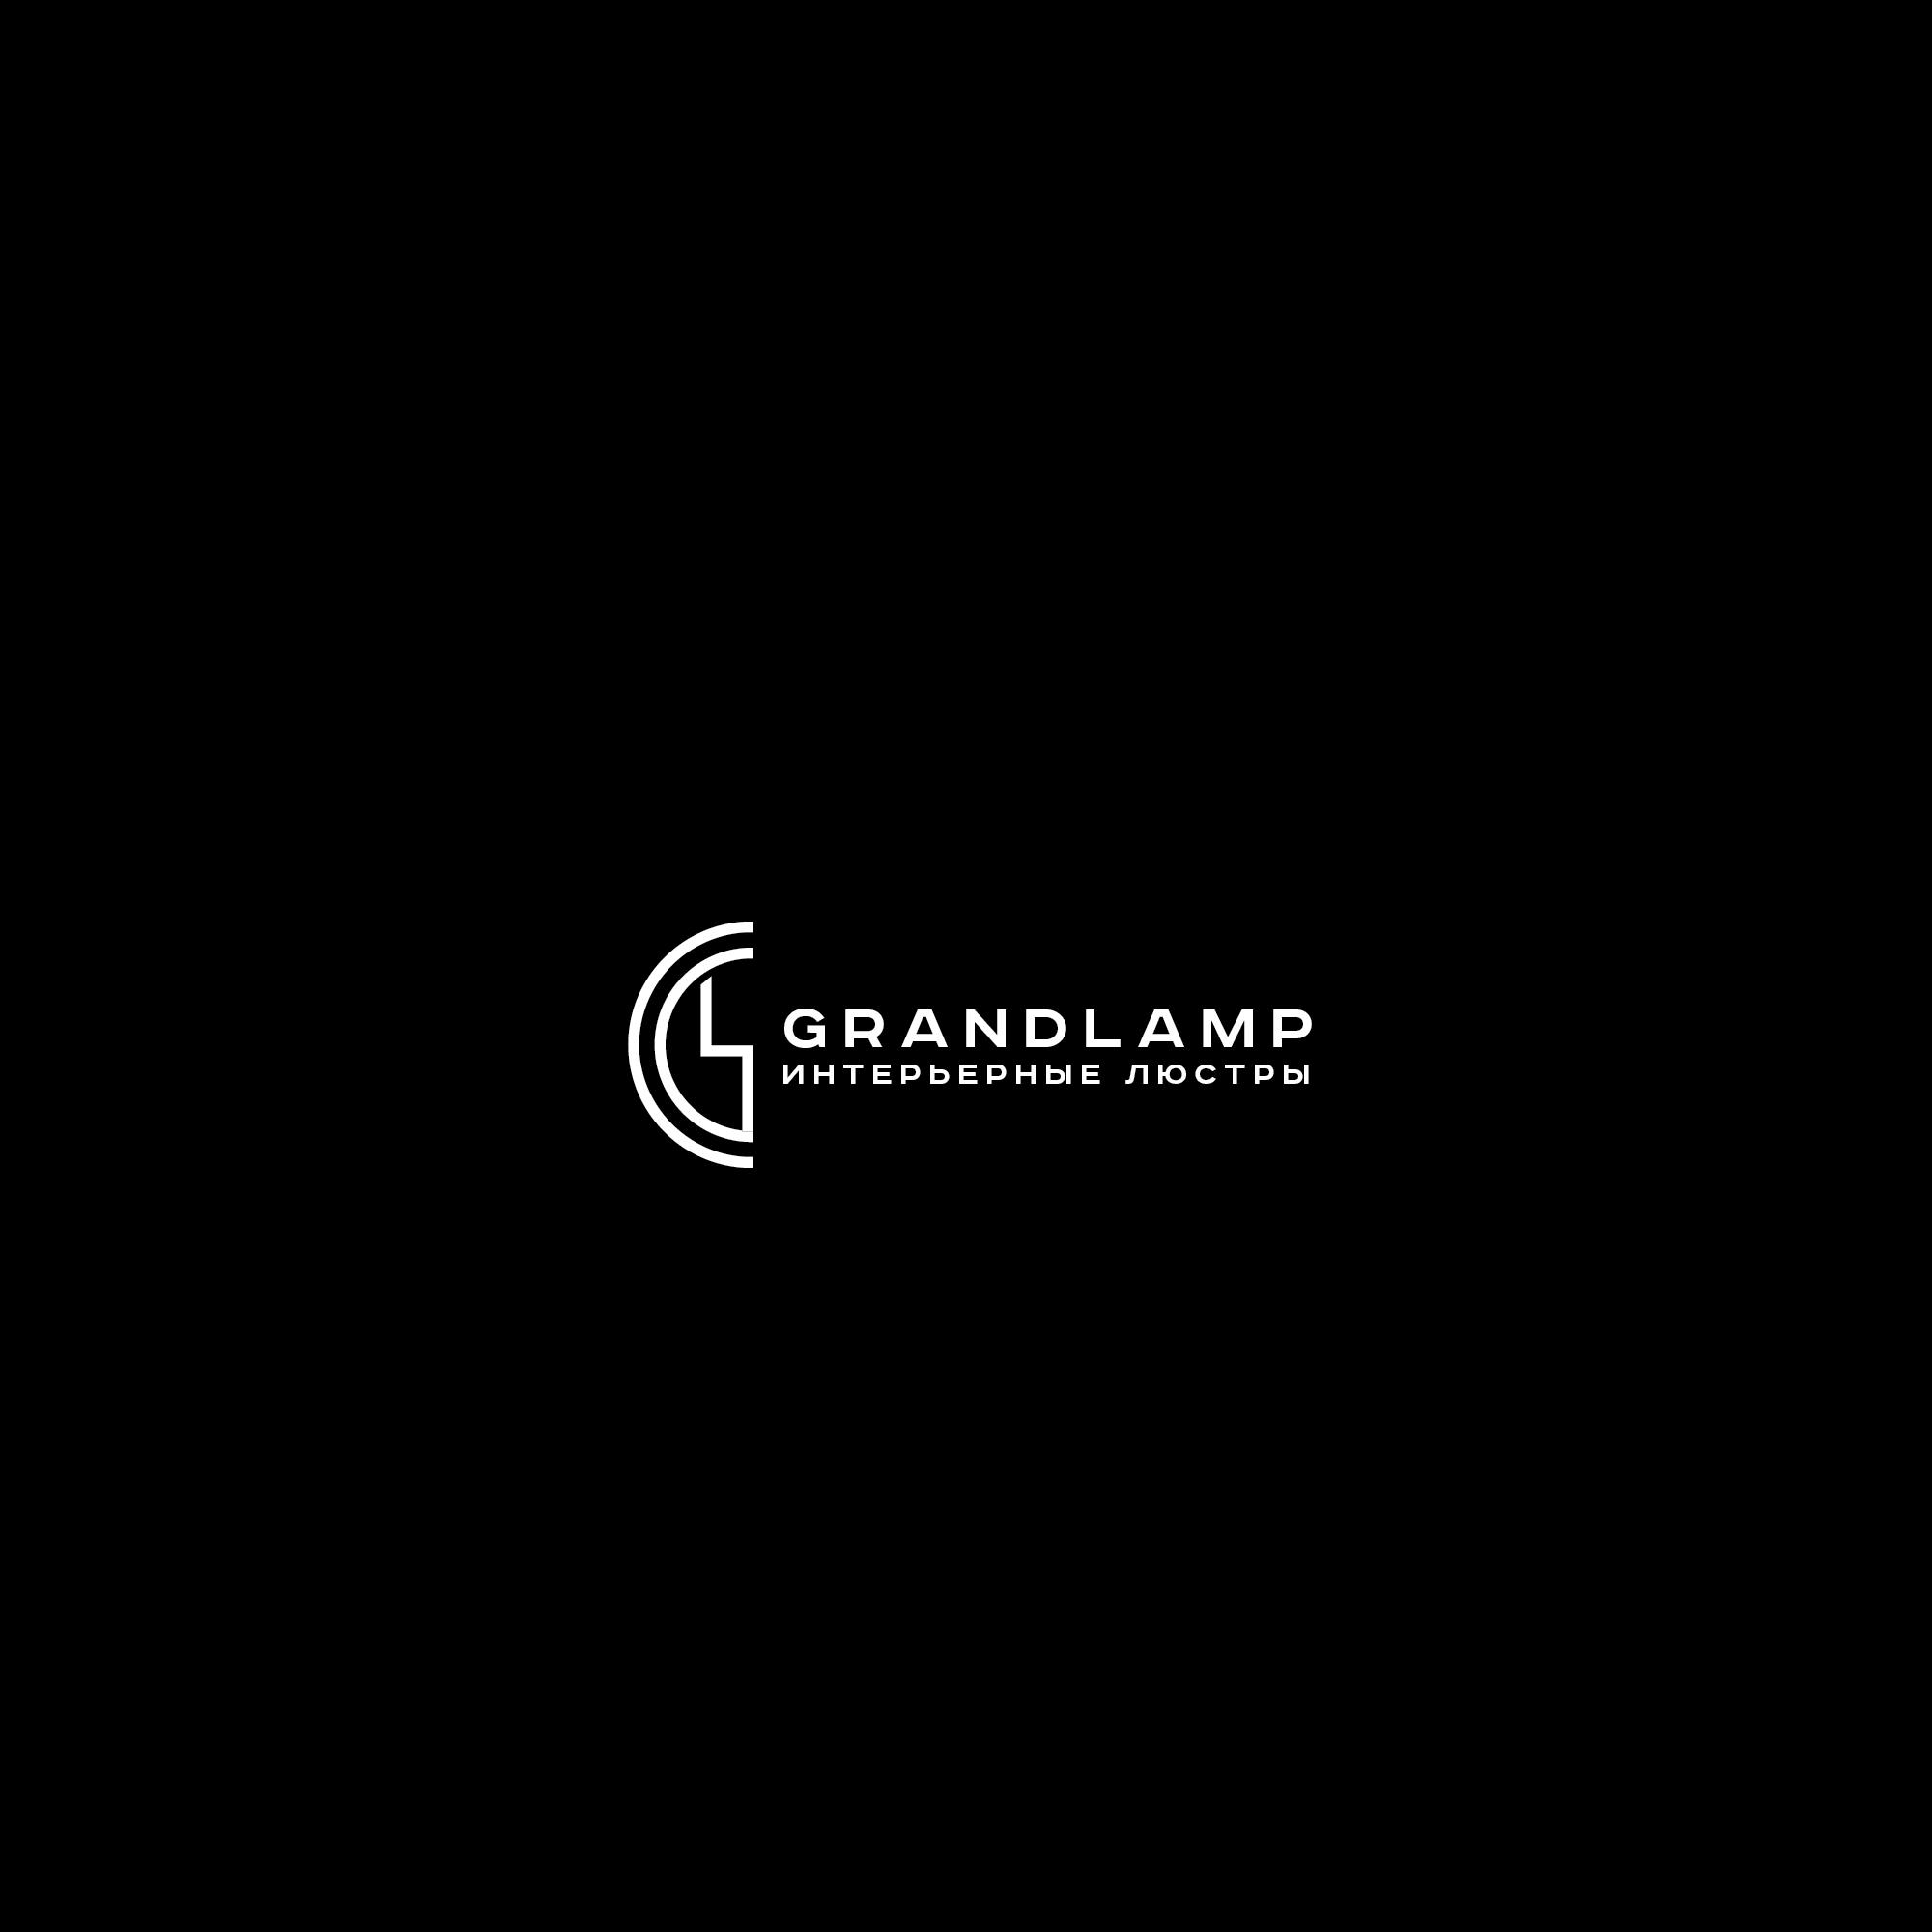 Разработка логотипа и элементов фирменного стиля фото f_50057e11ba88e598.jpg